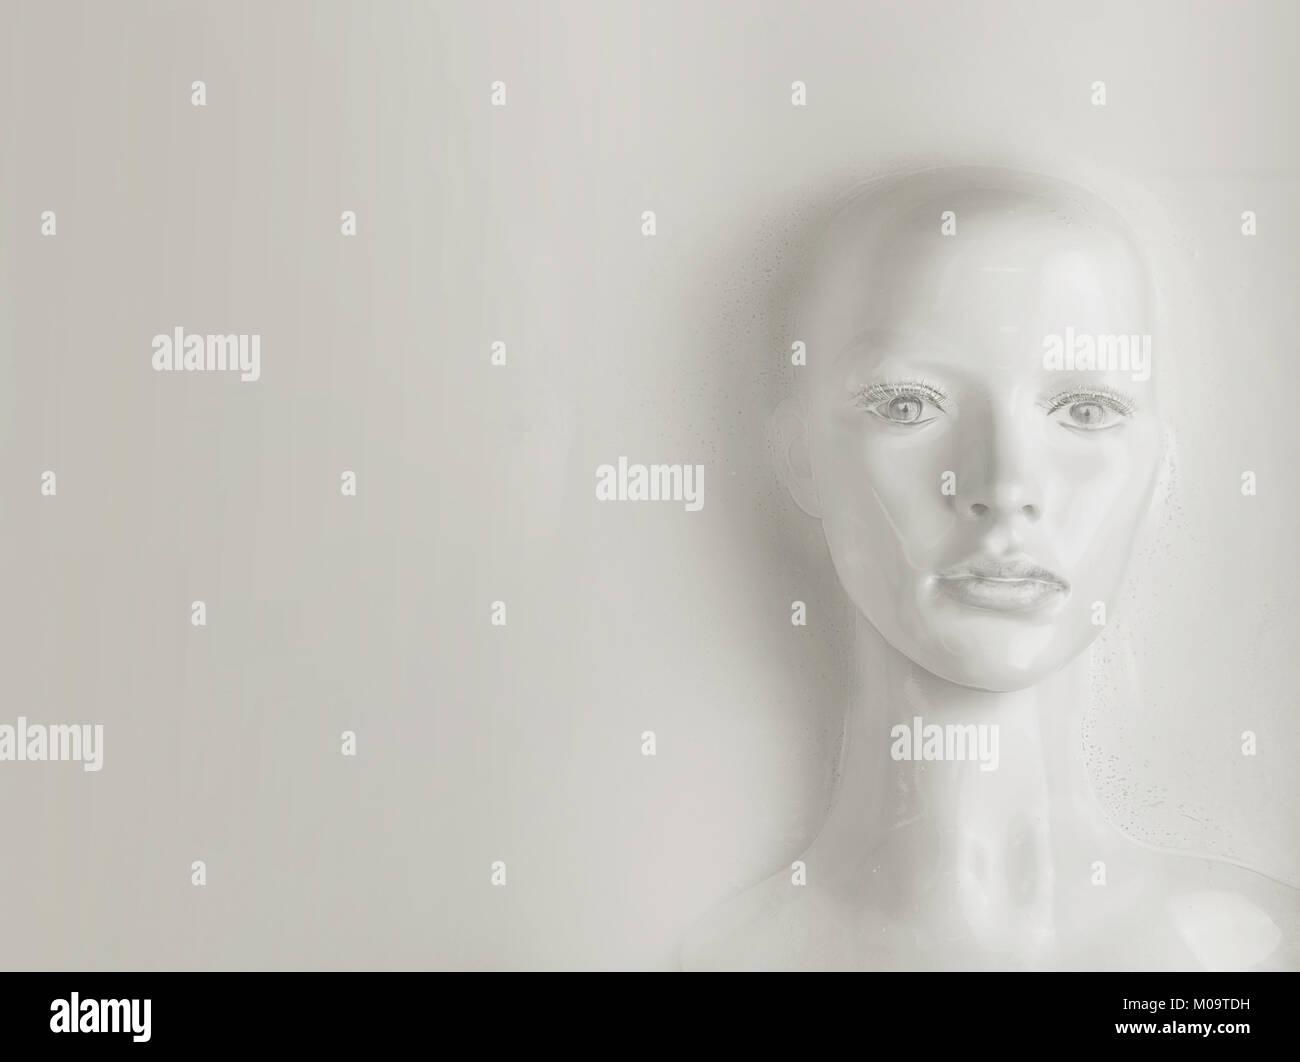 Intelligenza artificiale e il concetto di essere umano Immagini Stock